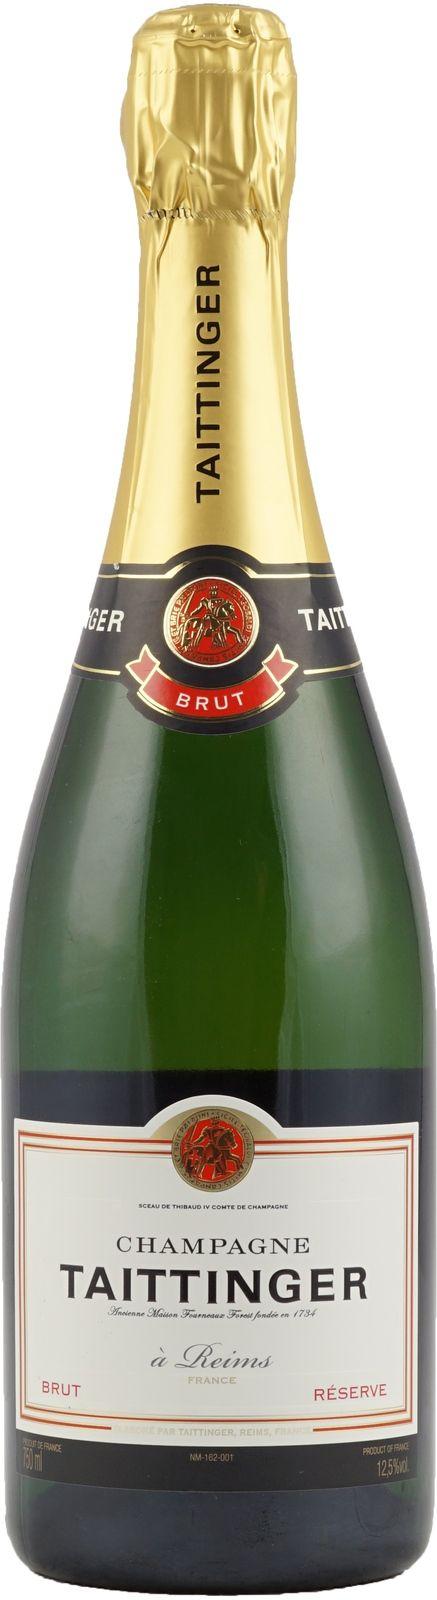 Bestellen Sie sich den Taittinger Brut Reserve Champagner hier bei uns im Onlineshop. Brut Reserve Champagner aus dem Hause Taittinger zum sehr kleinen Preis.